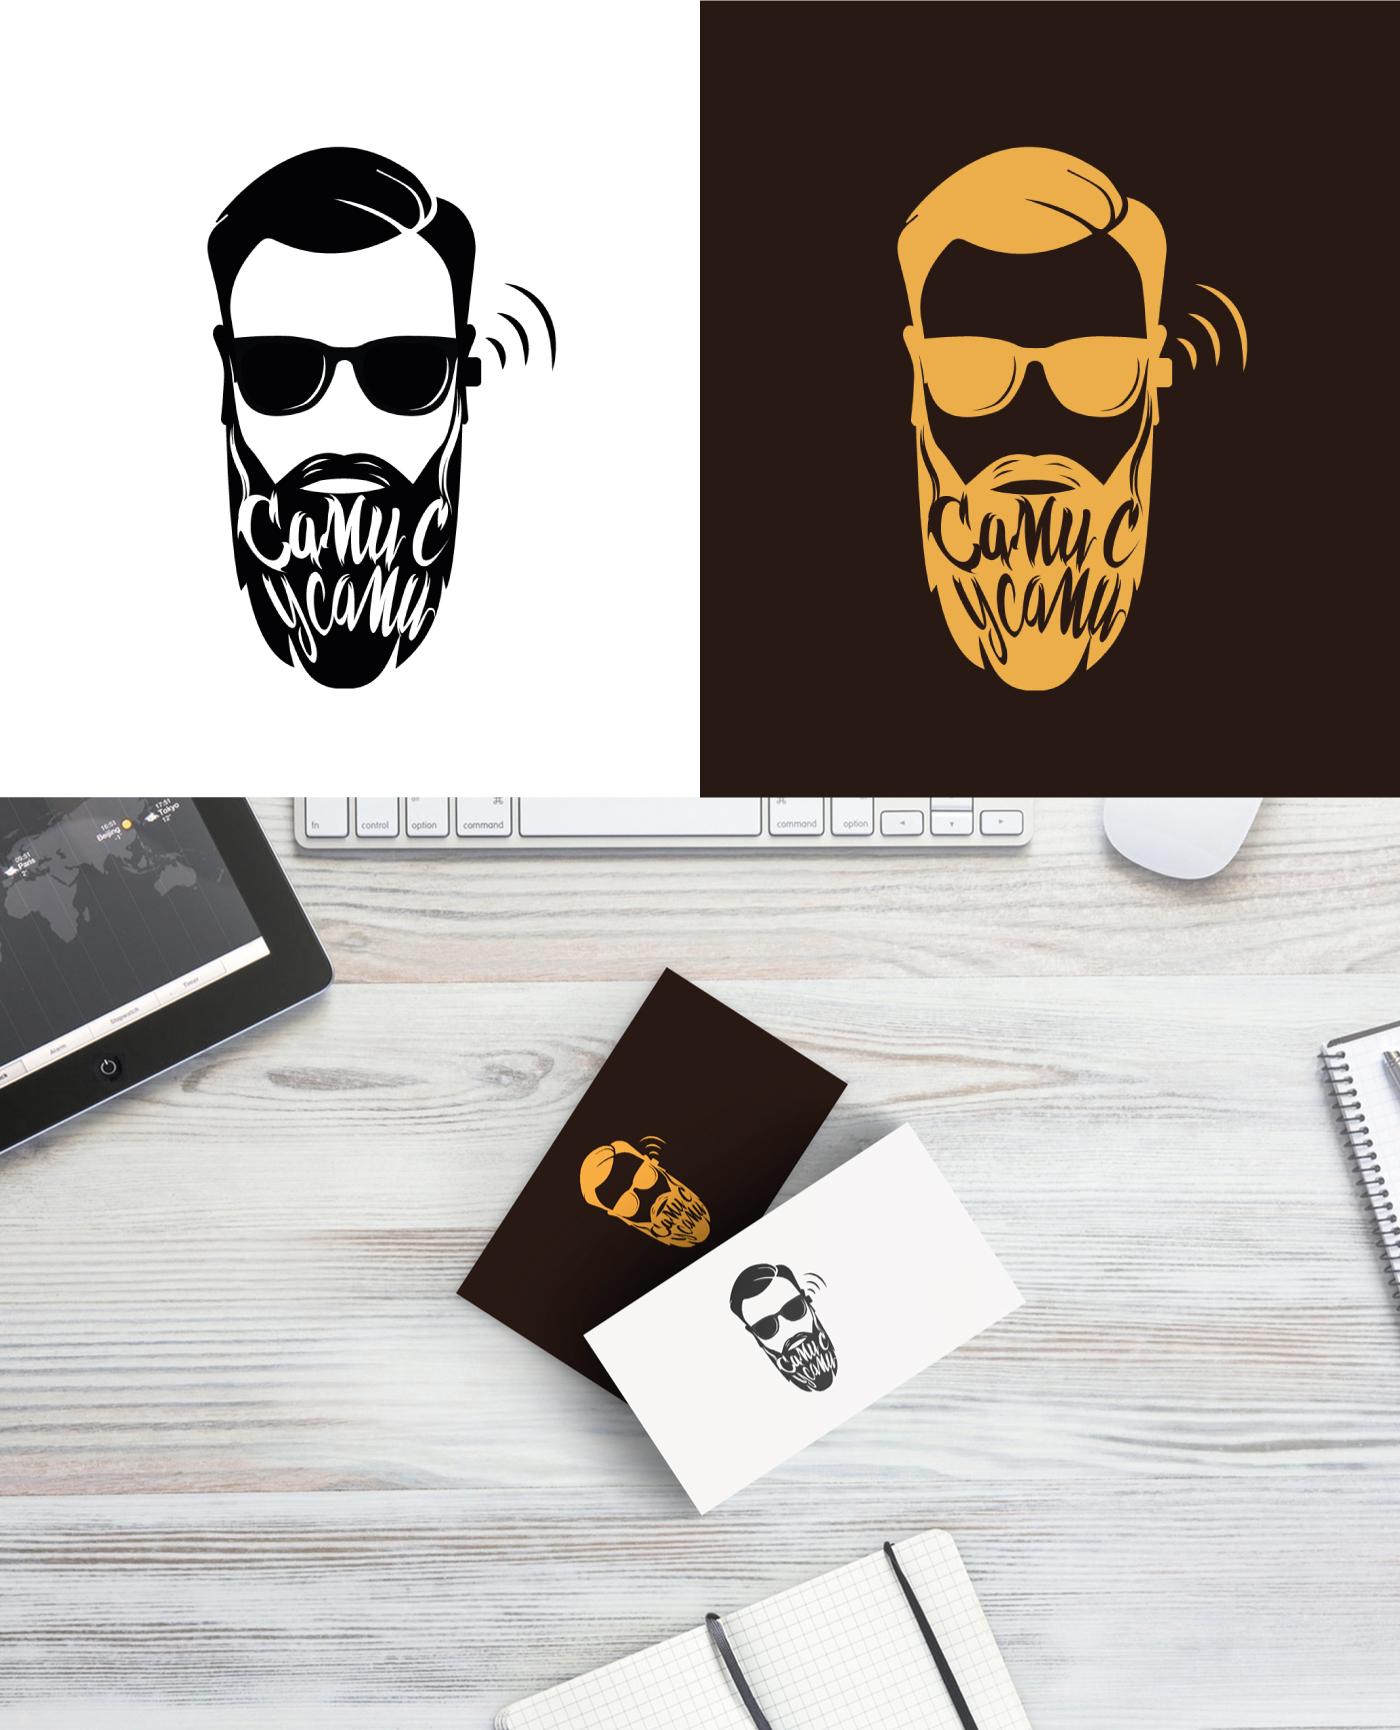 Разработка Логотипа 6 000 руб. фото f_03758f90546249c1.jpg